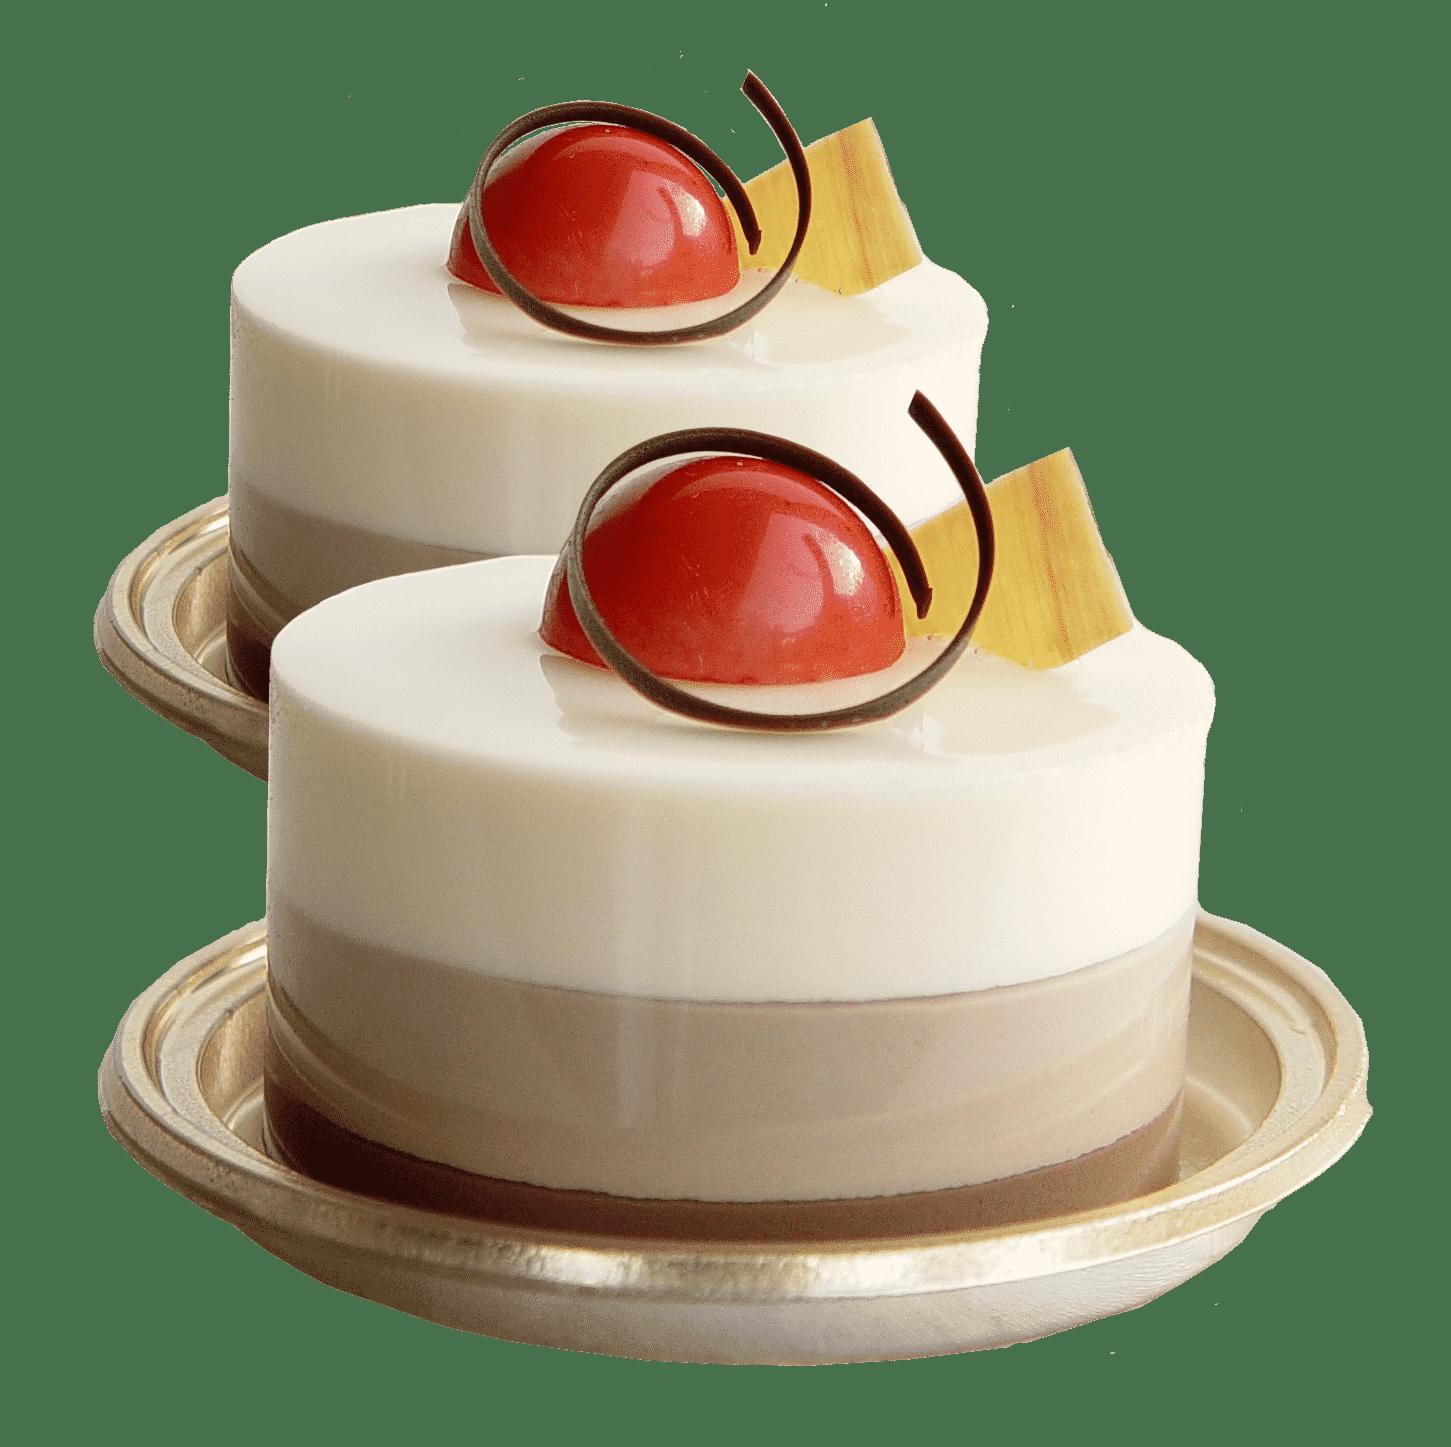 Menu picture cakes